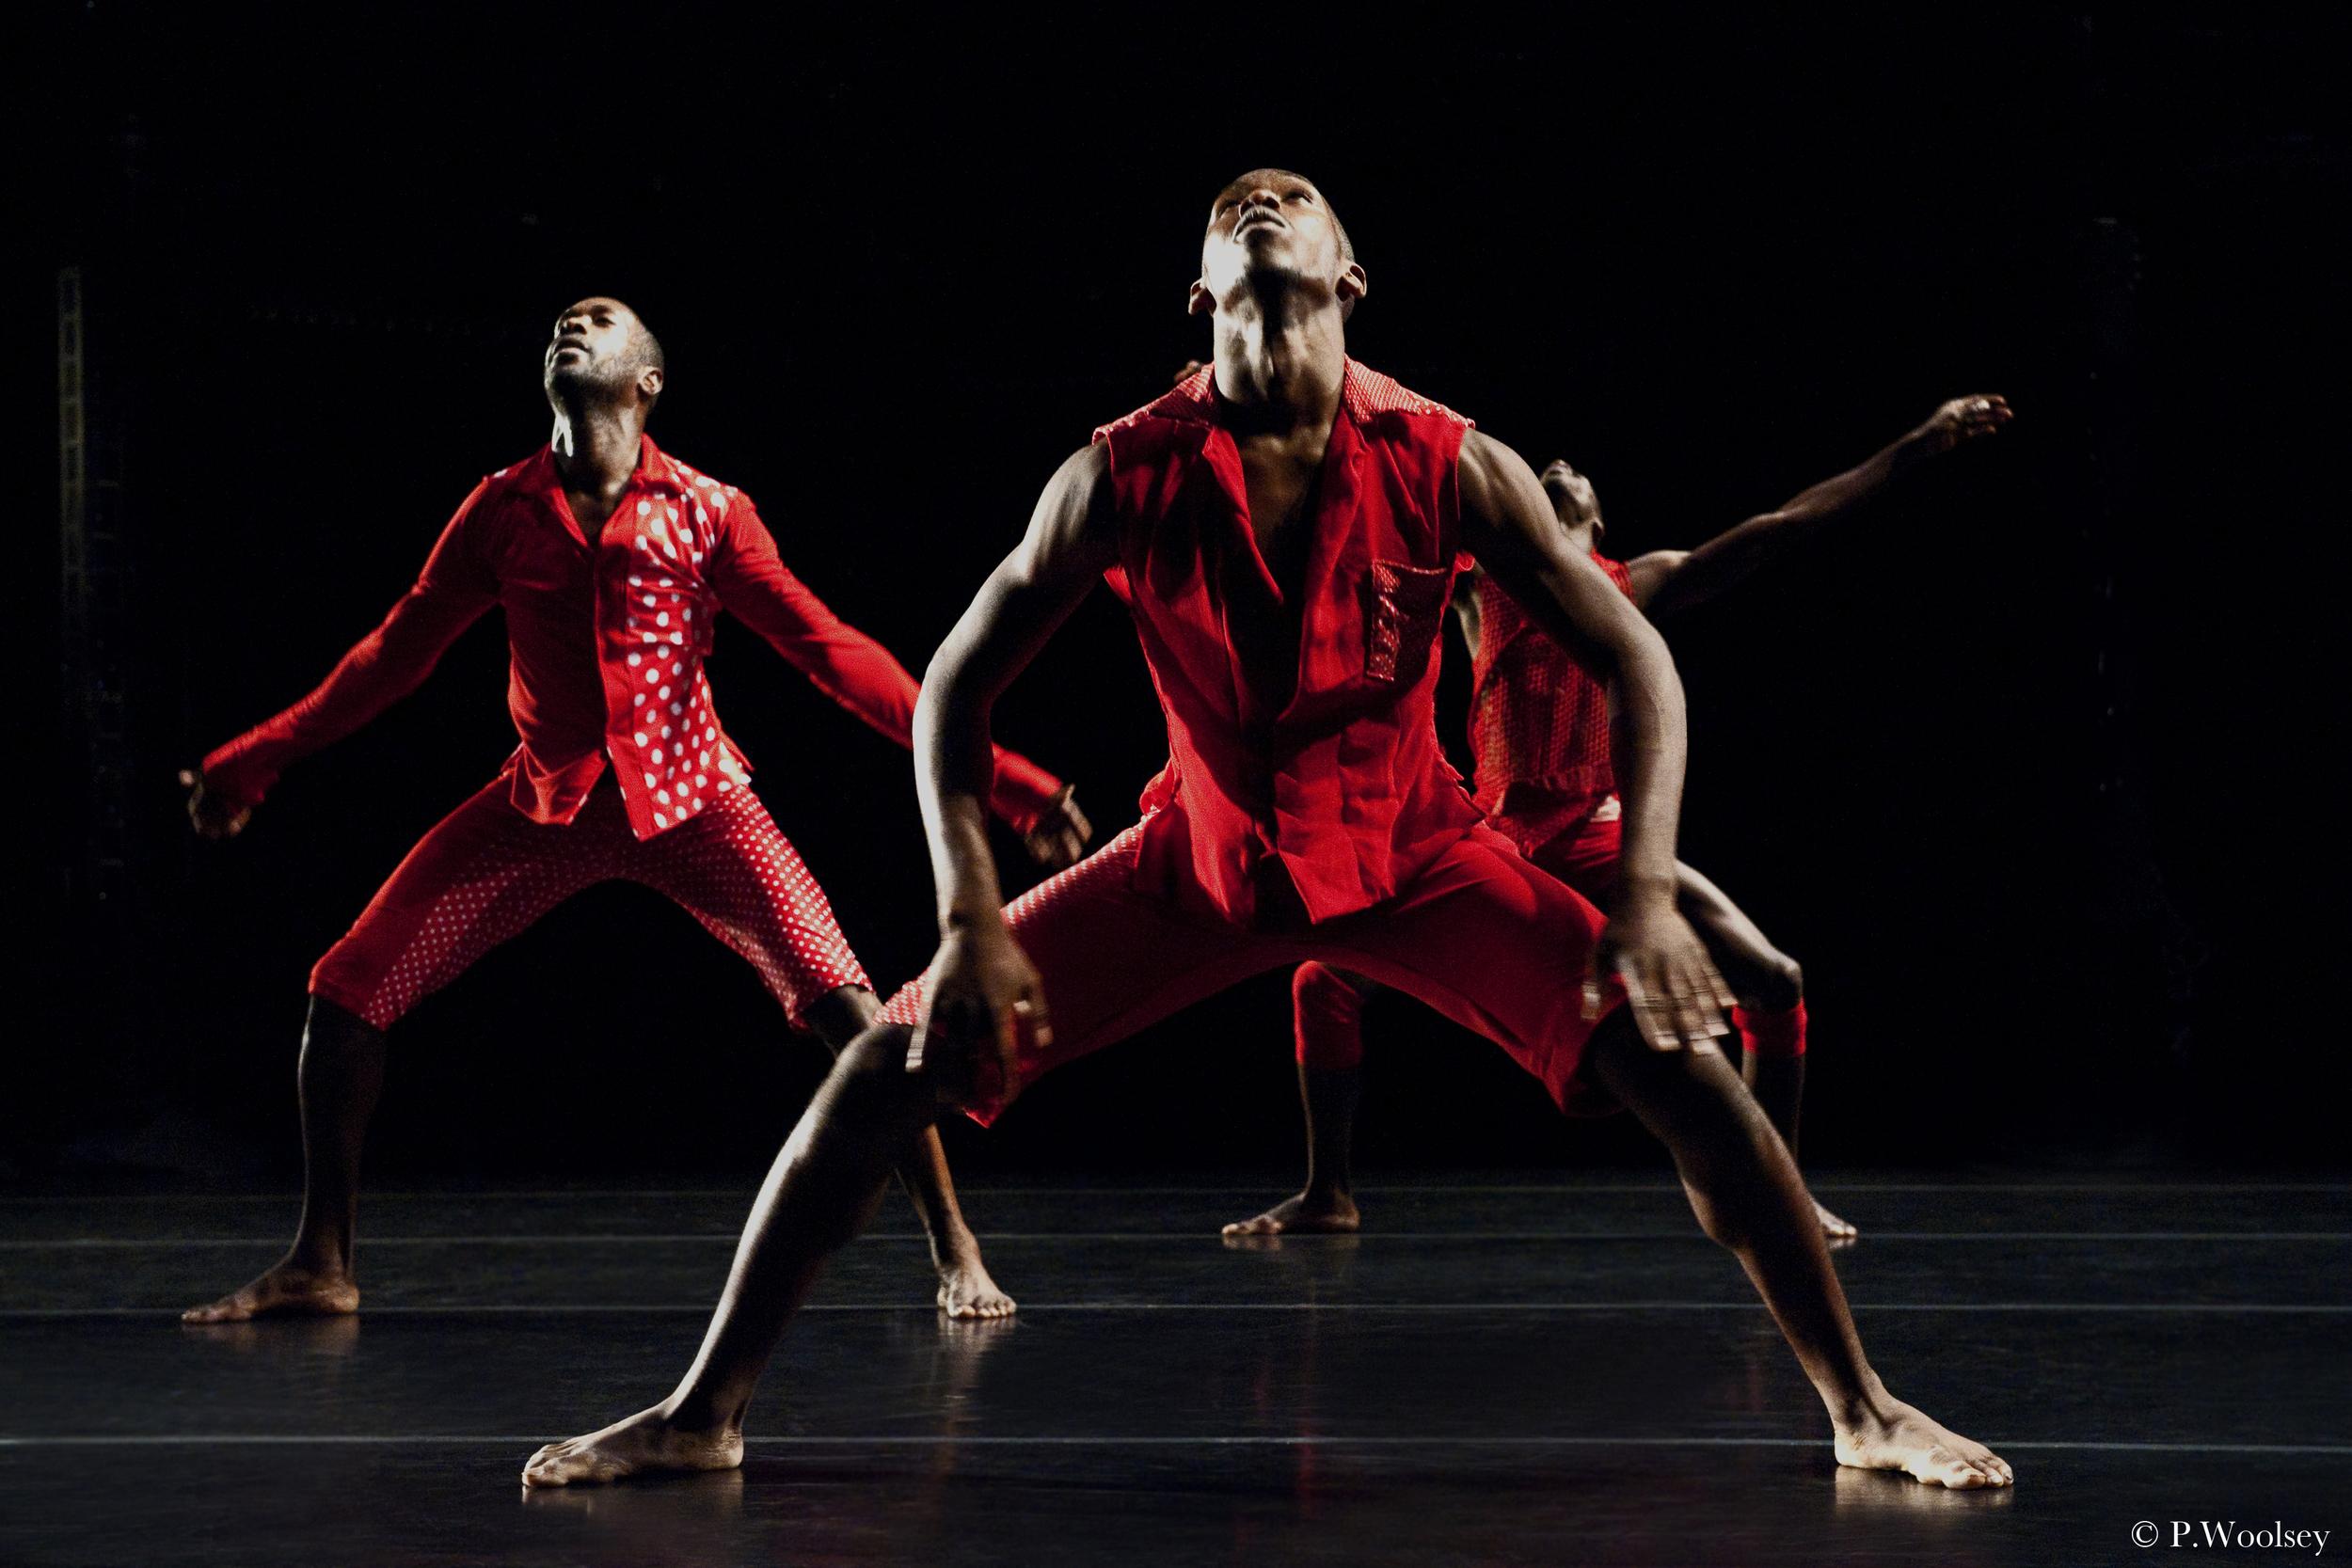 Photo Peggy Woolsey_dancers Yeman Brown, Paul Hamilton, Dwayne Brown.jpg